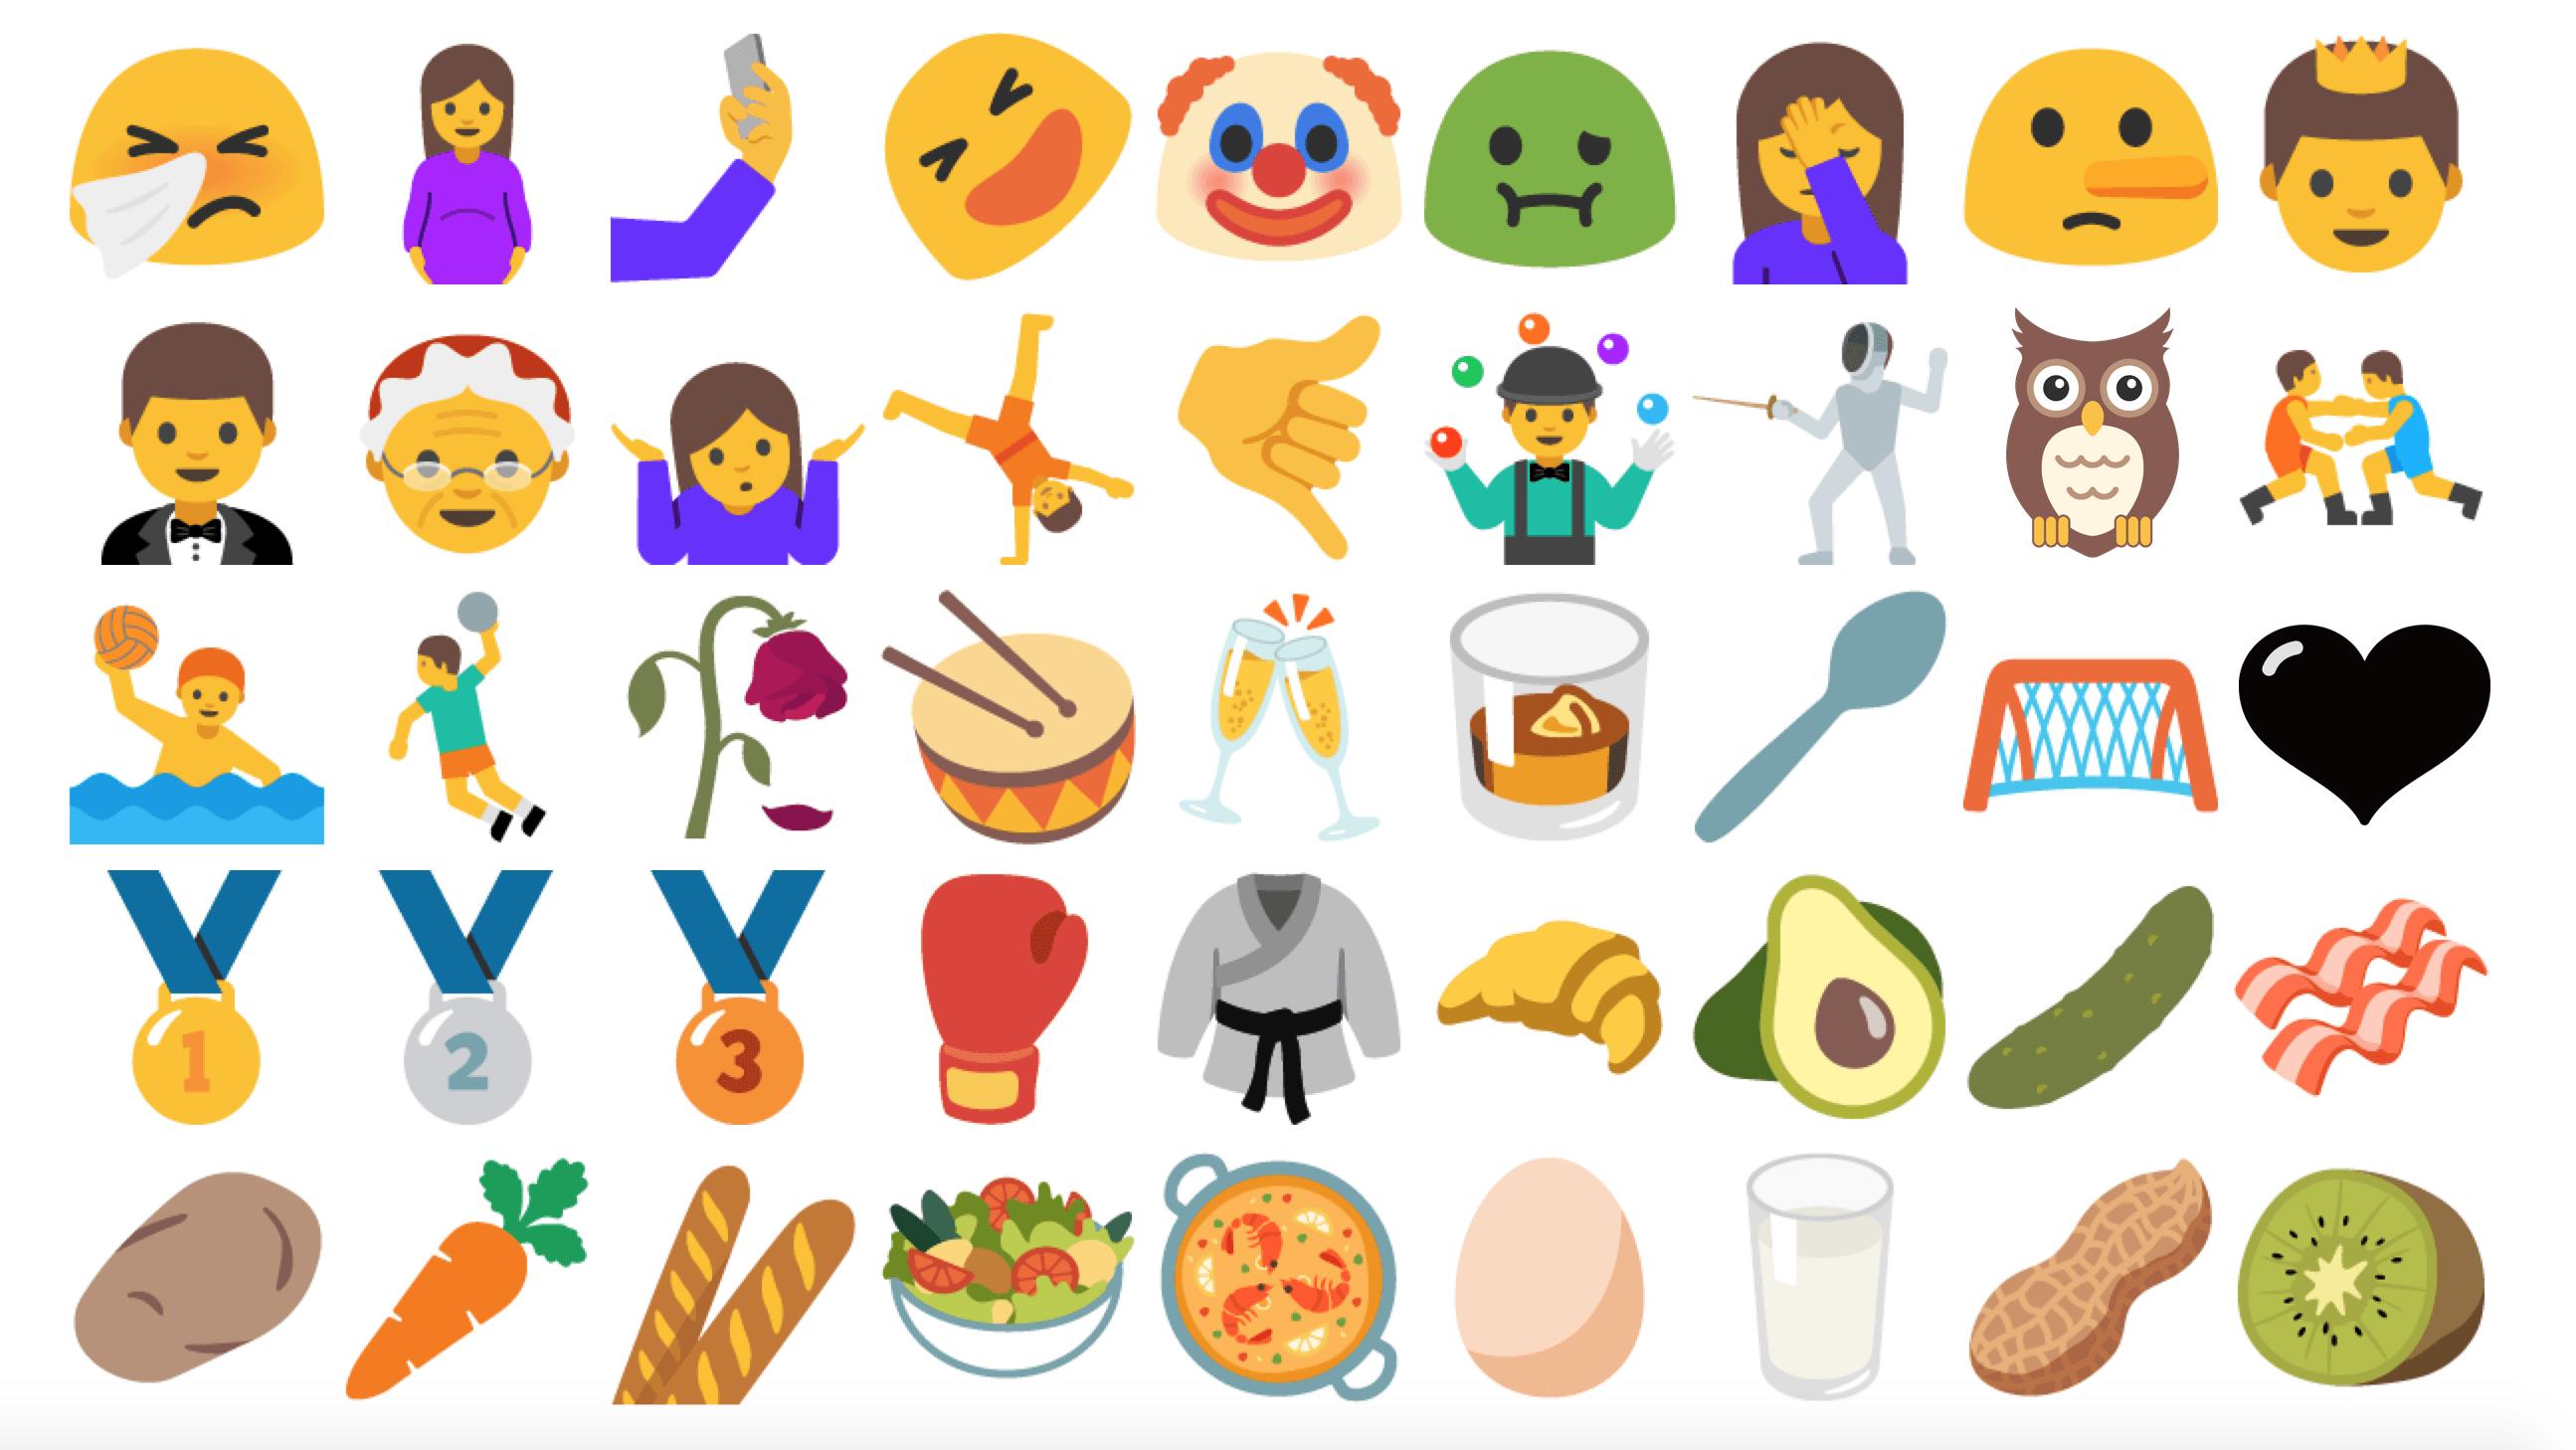 Les Emojis Sur Android Le Problème De Fragmentation En